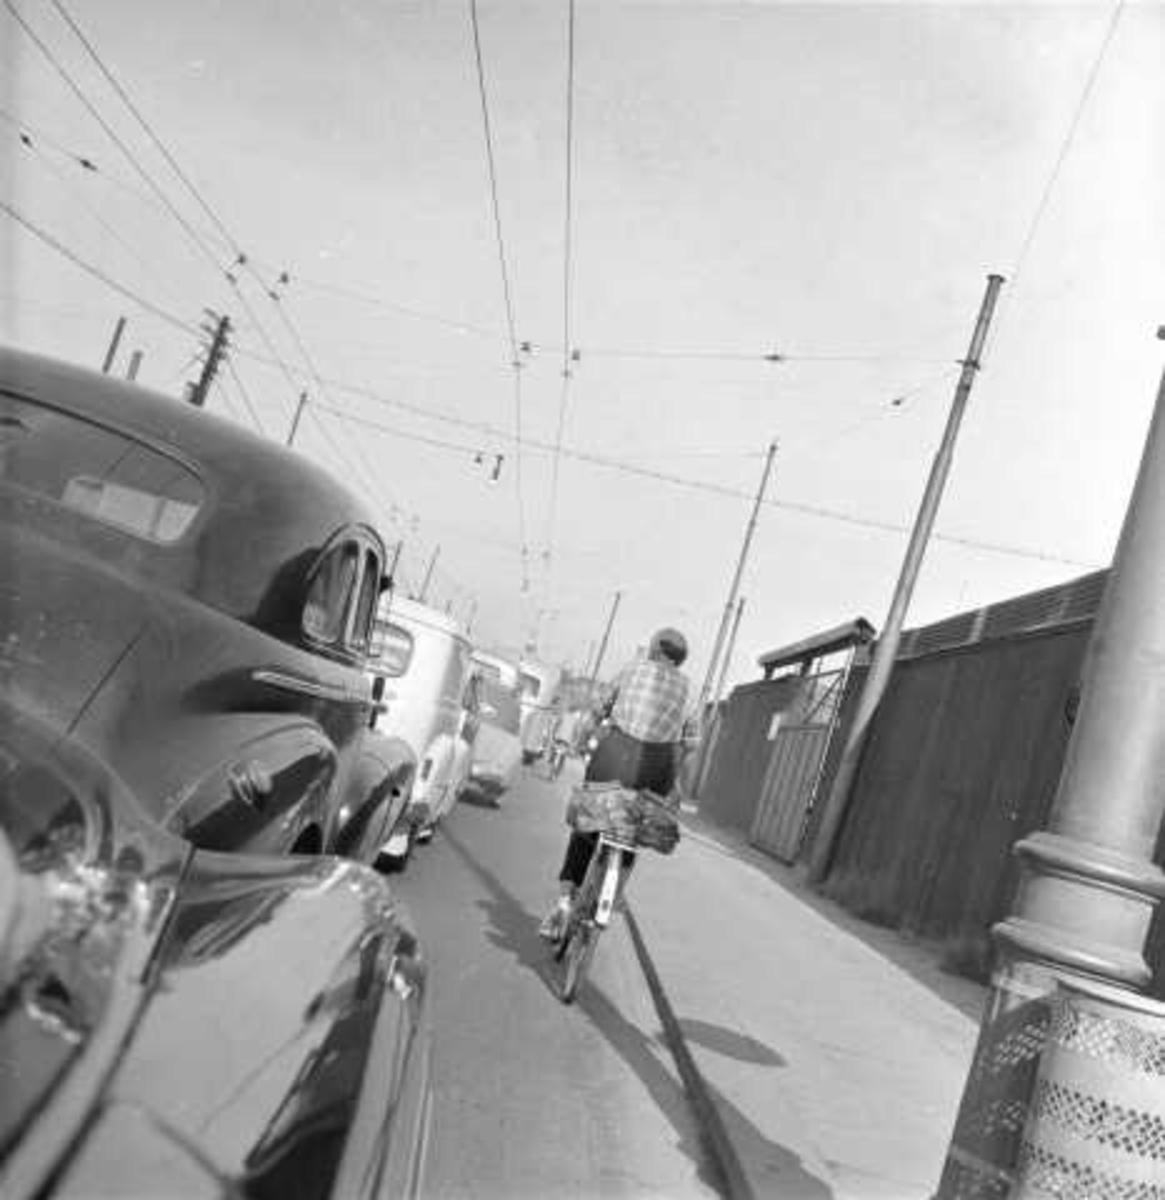 Bybilde, ant. Oslo, 1956. Gateløp med biler og syklist.